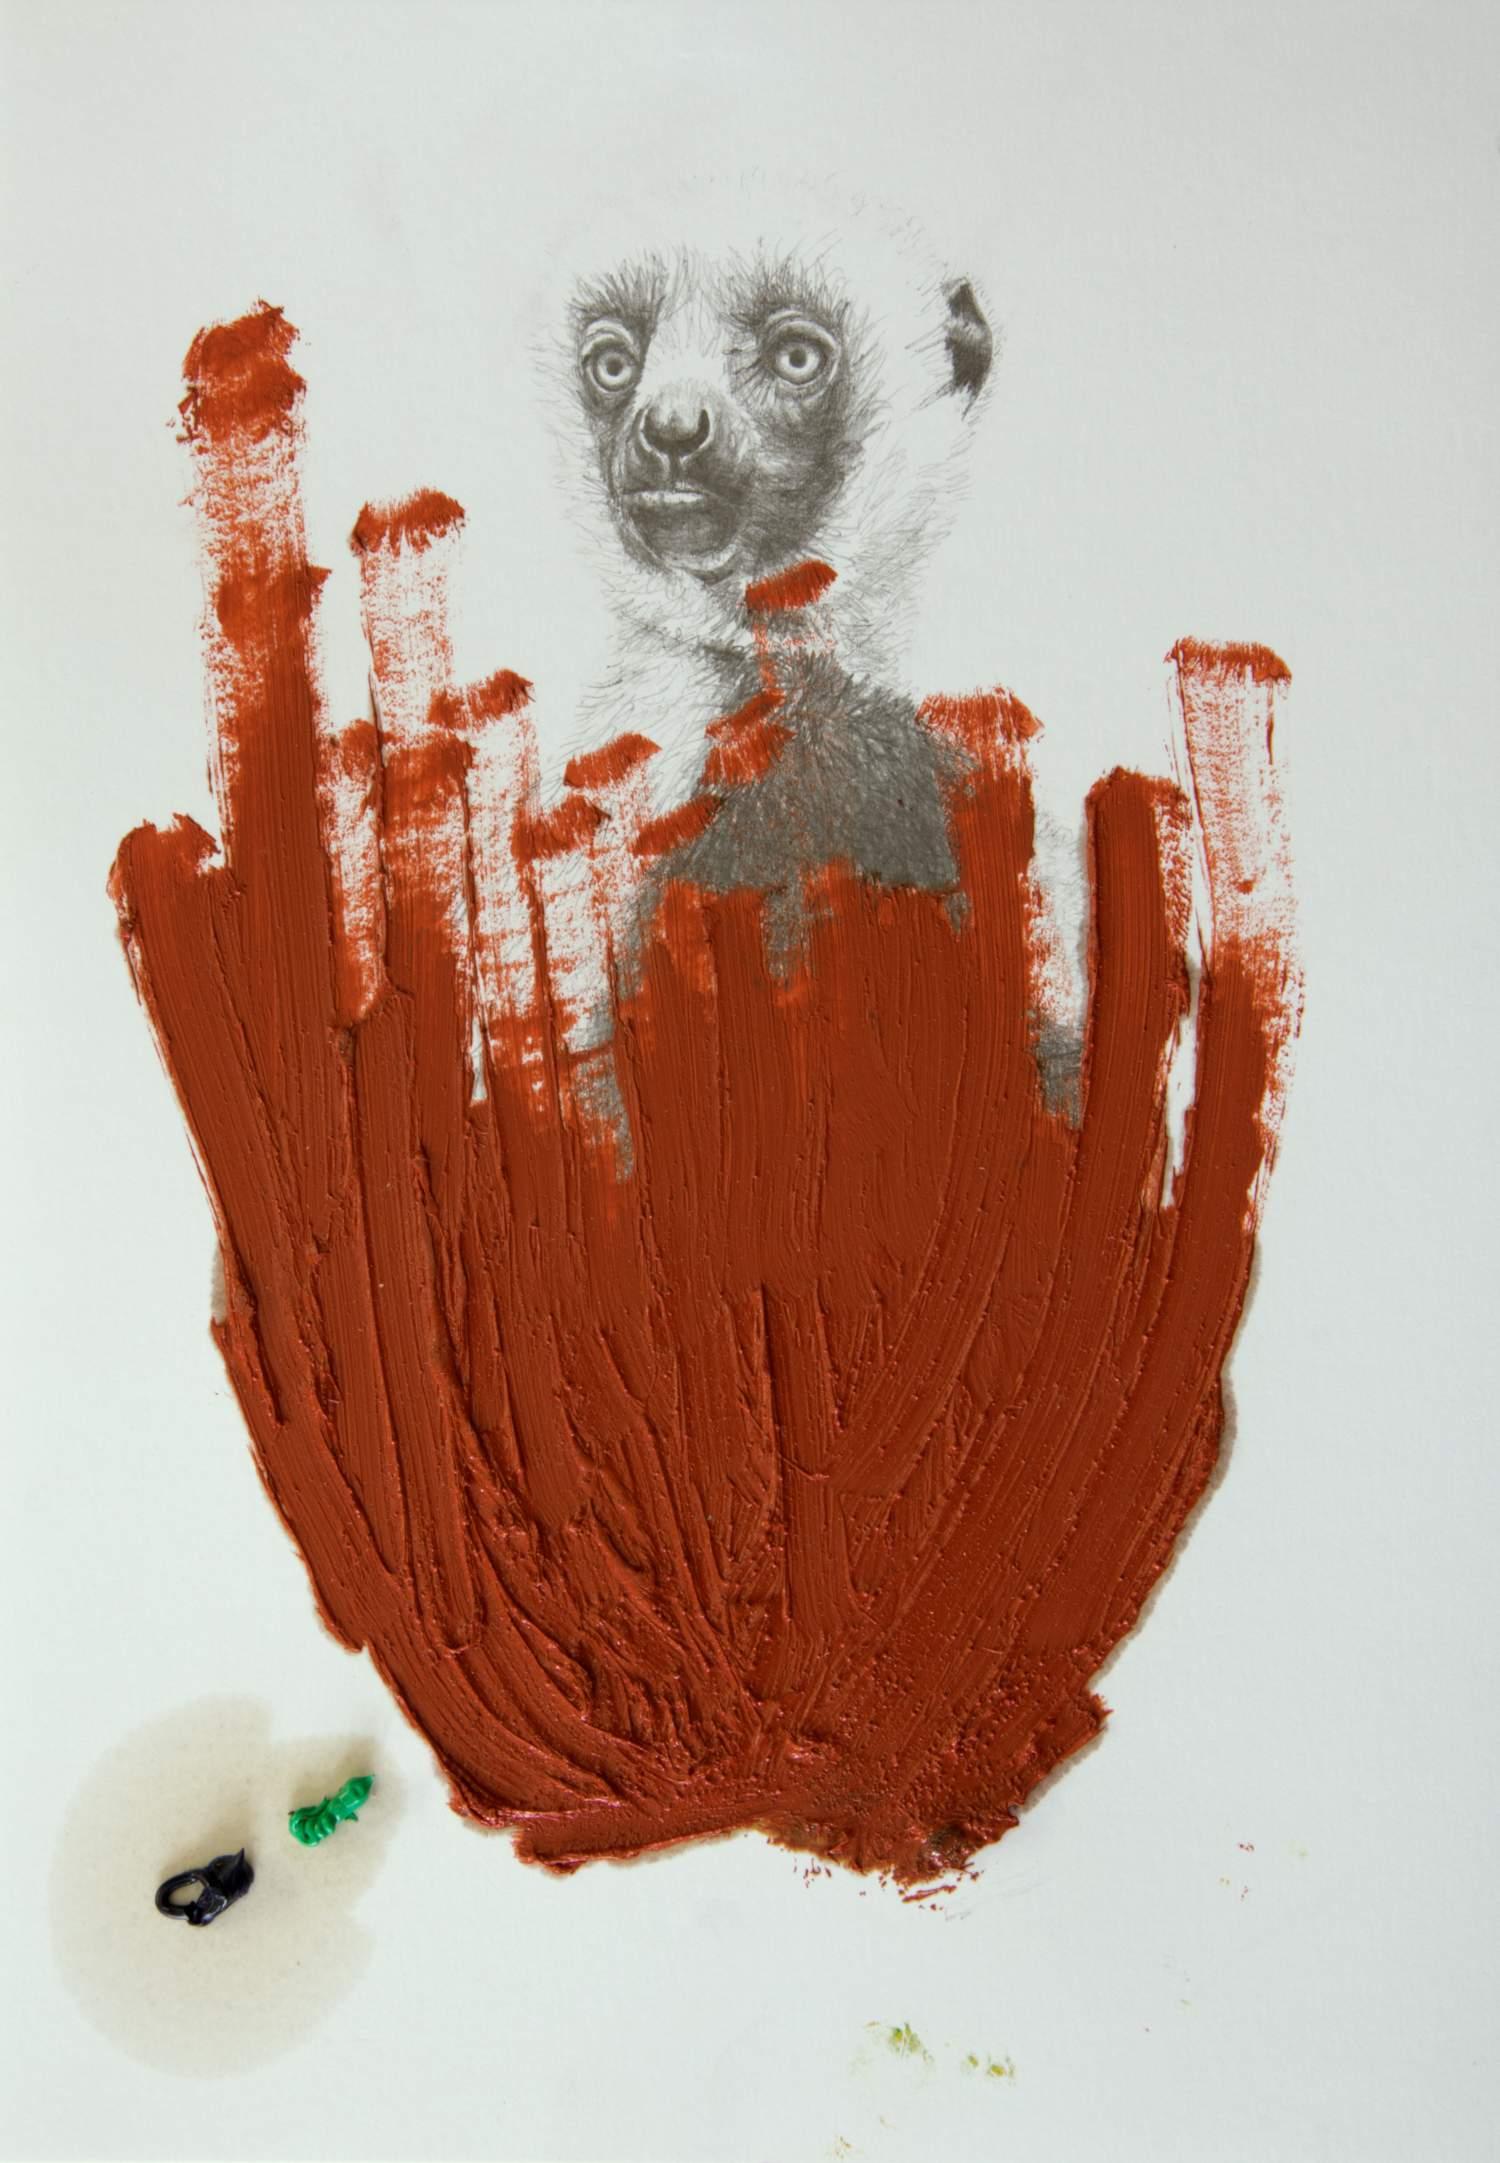 Sirblot #04 2015, 29,7 x 21 cm, Öl und Graphit auf Papier